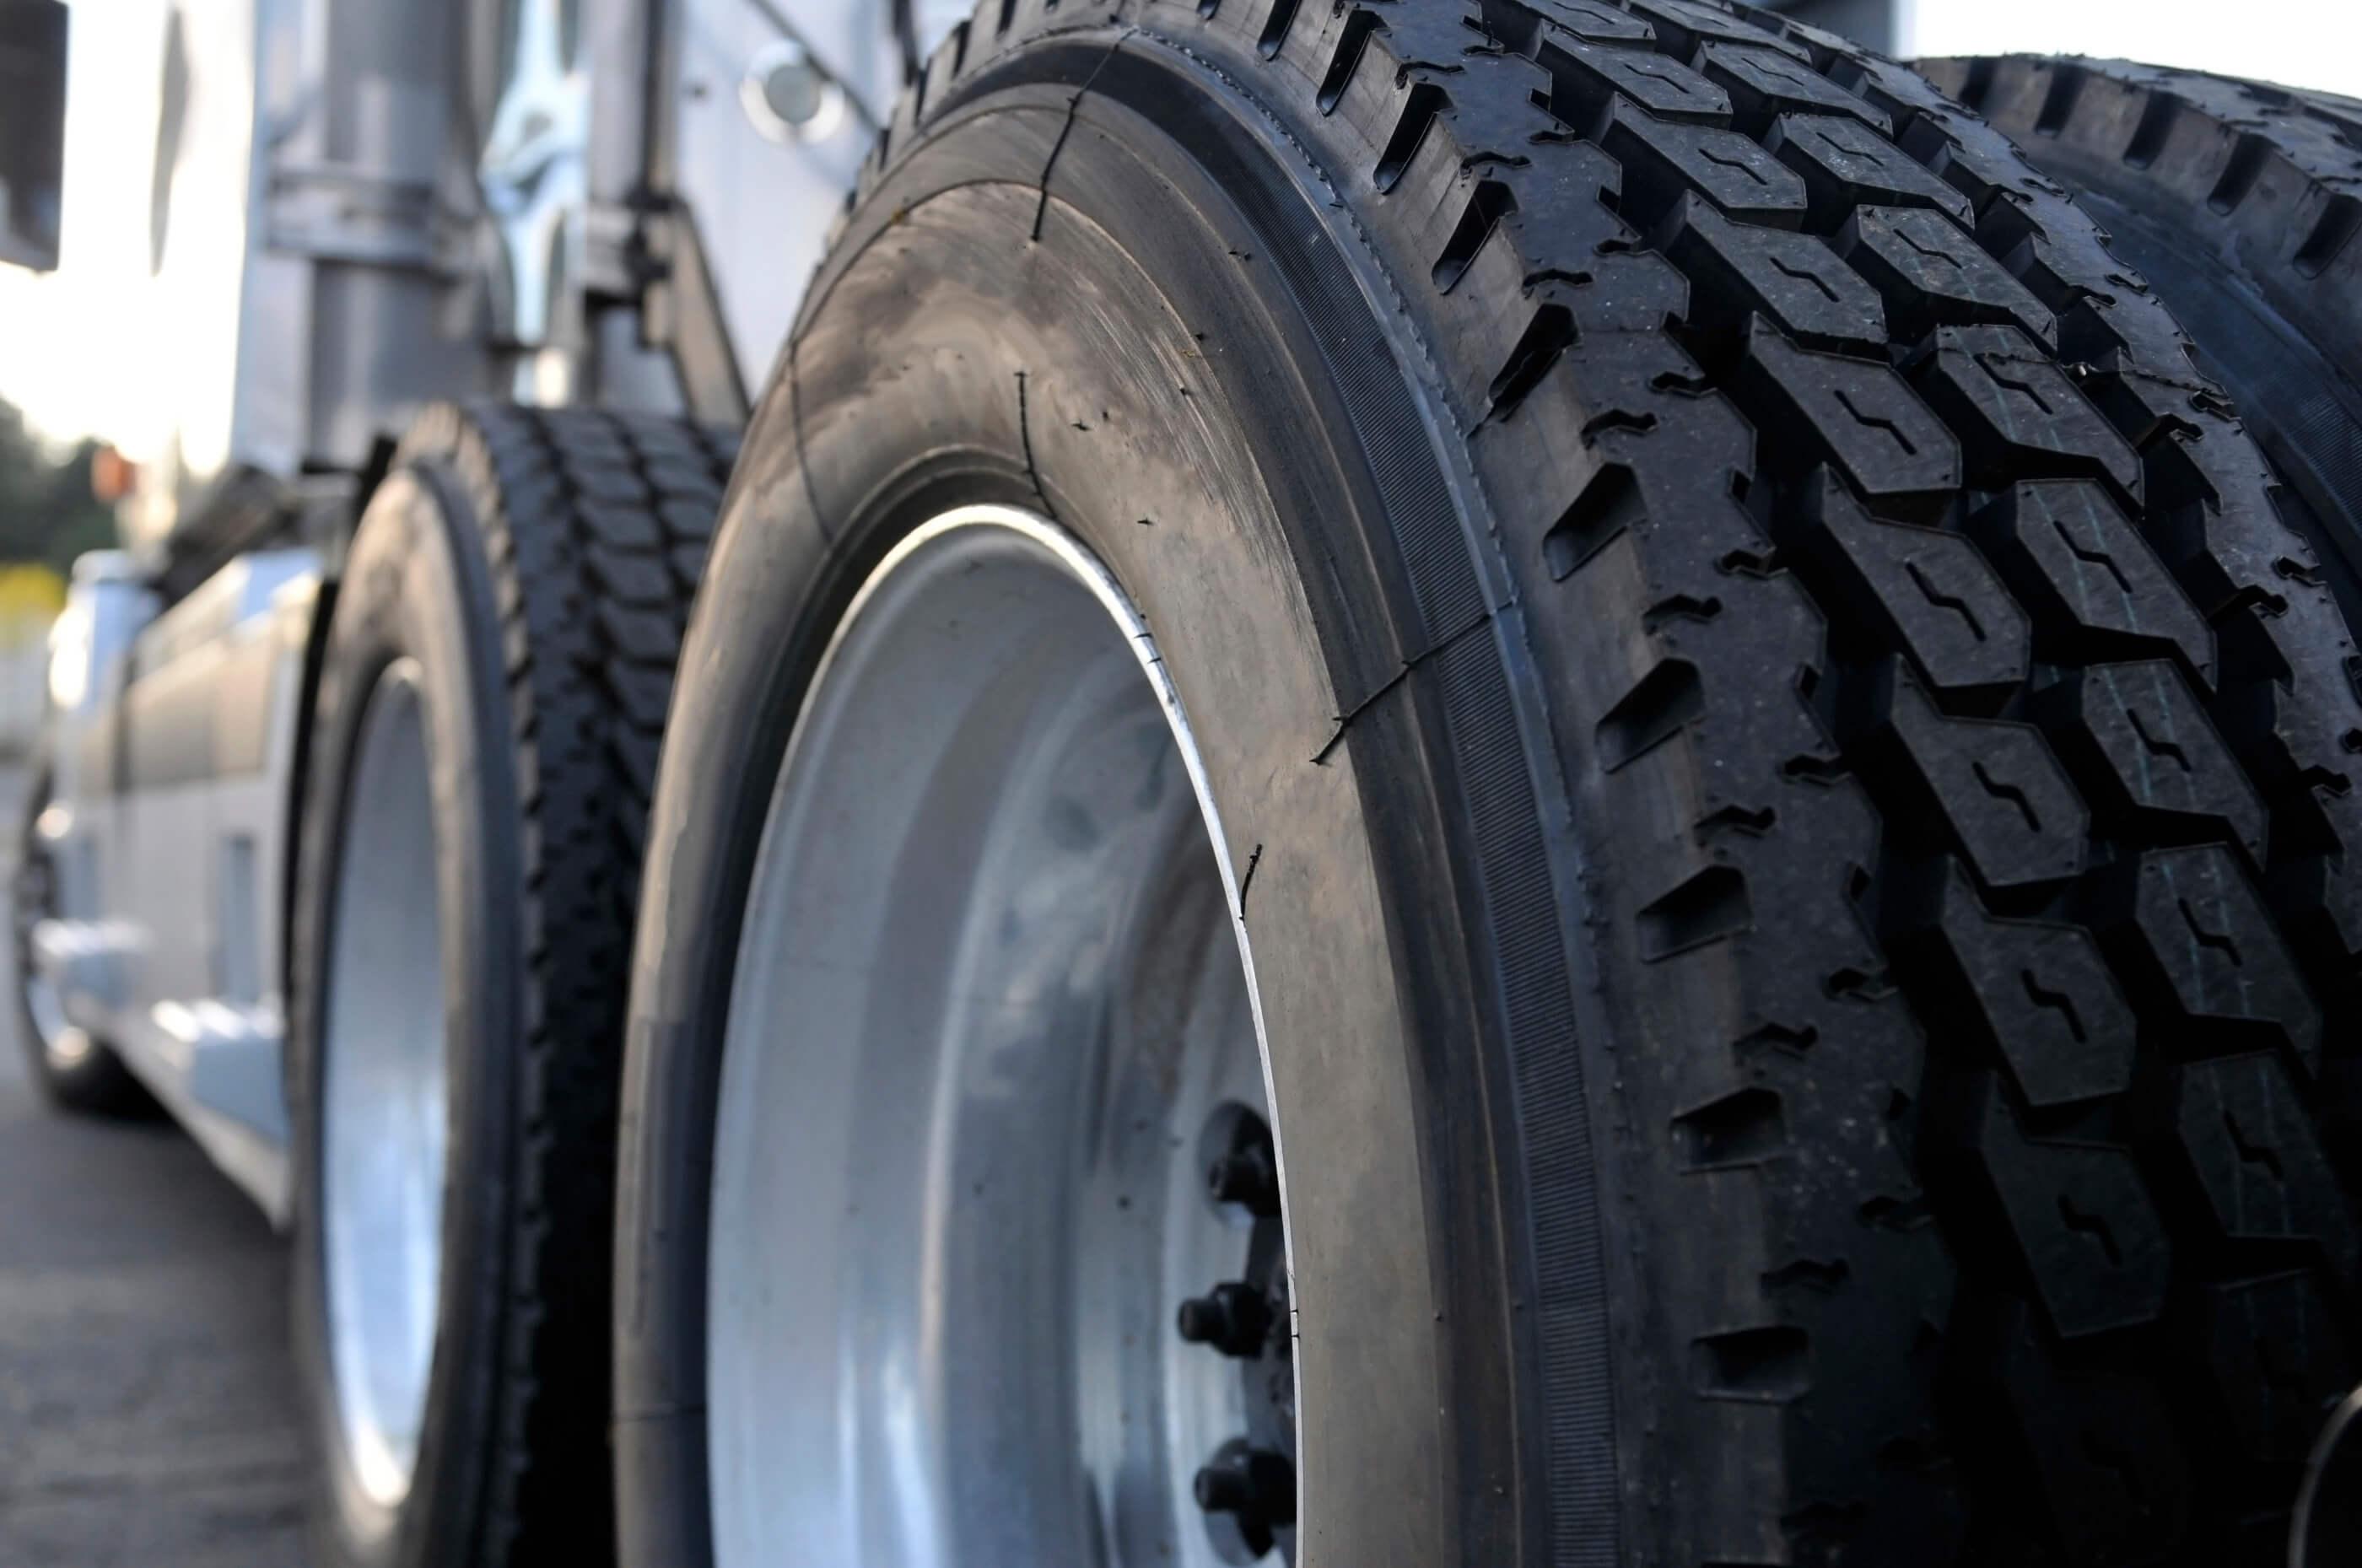 Big semi truck tires